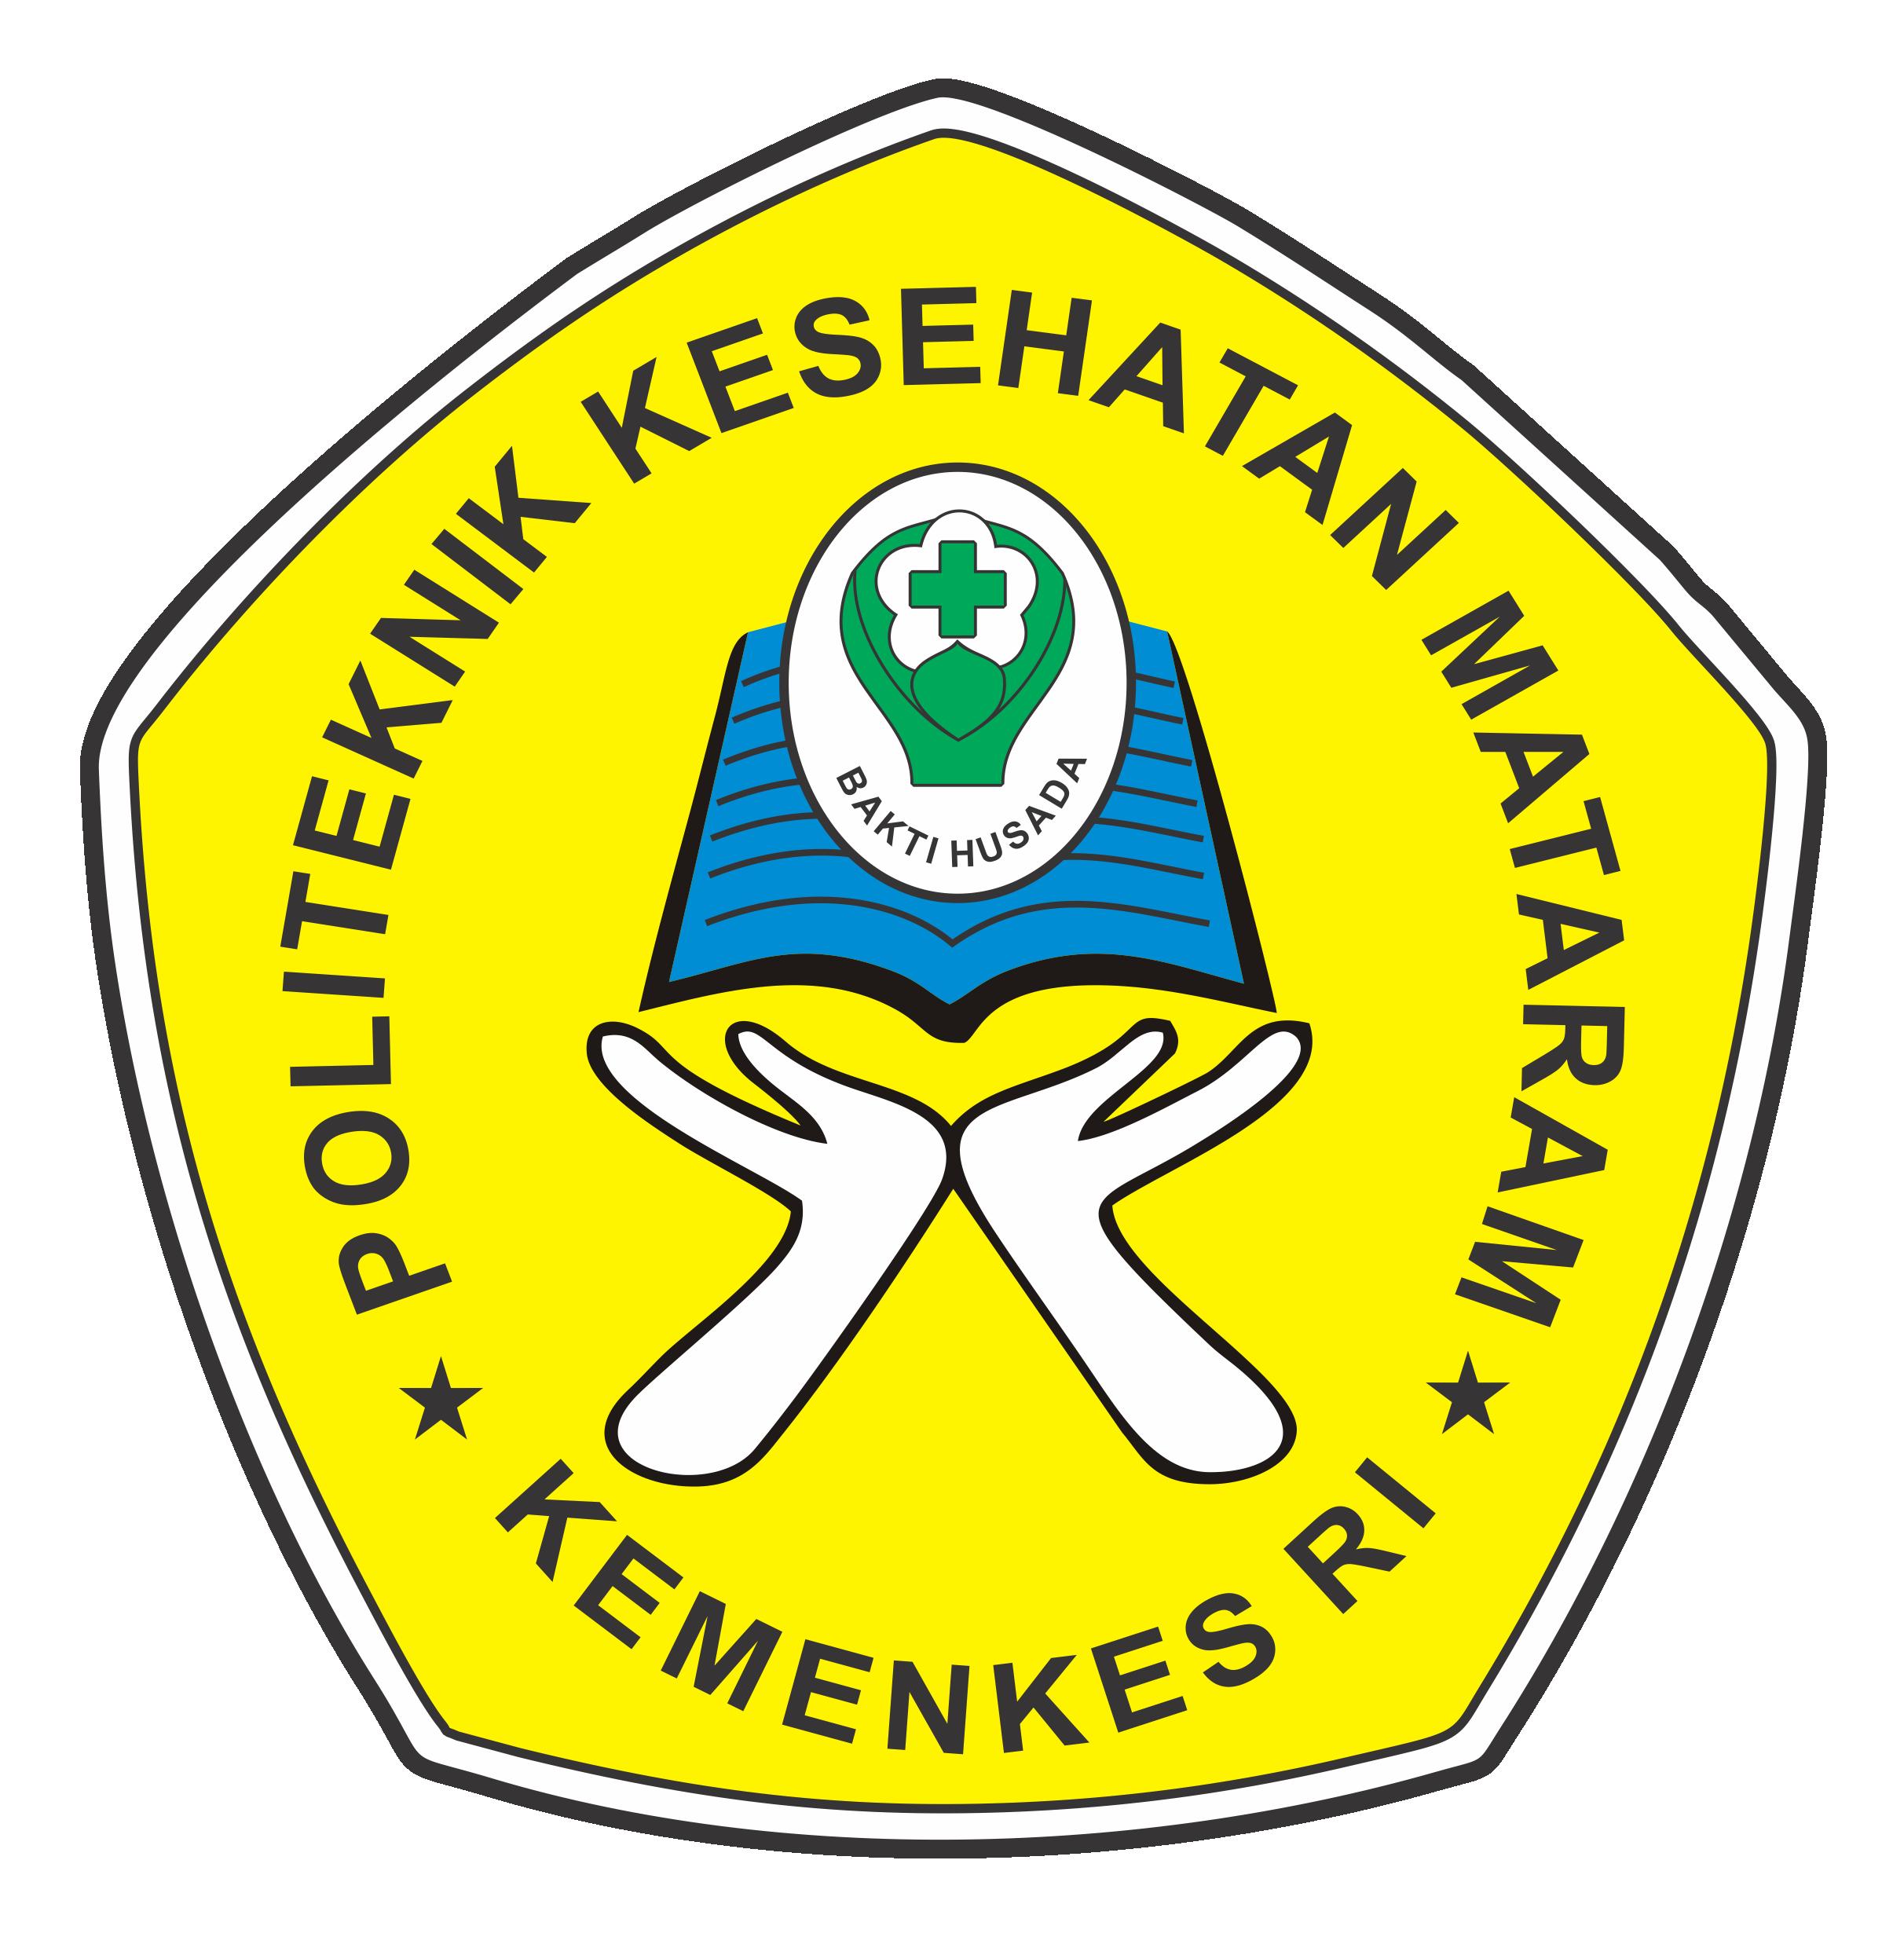 Logo Poltekkes Mataram (Politeknik Kesehatan Mataram)